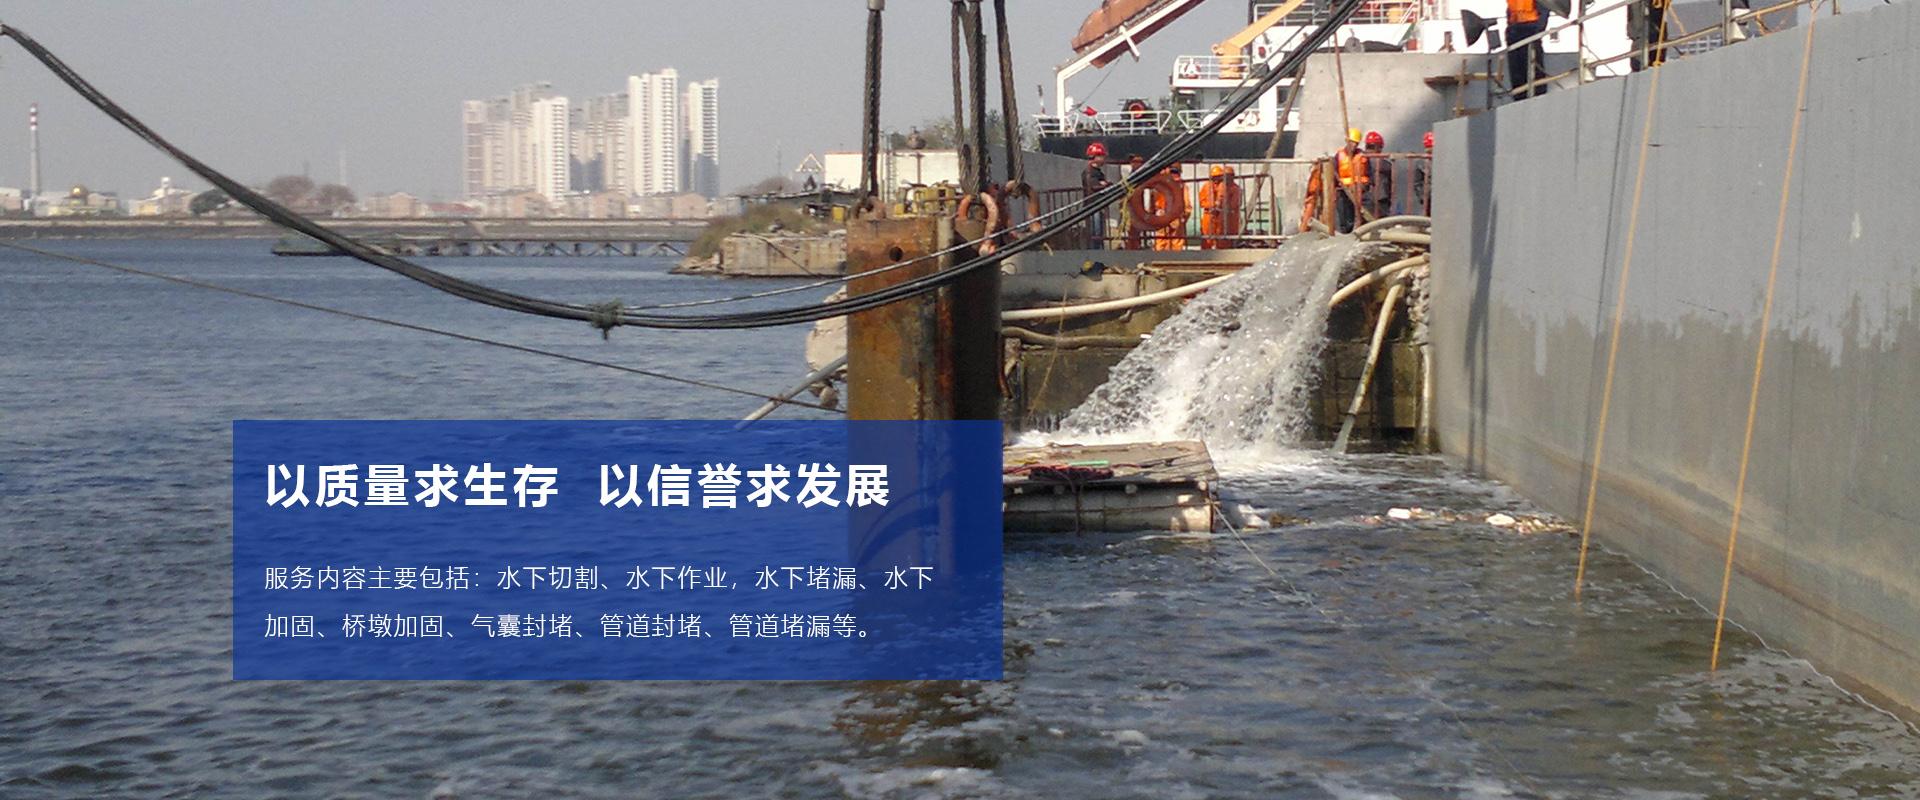 水下切割公司